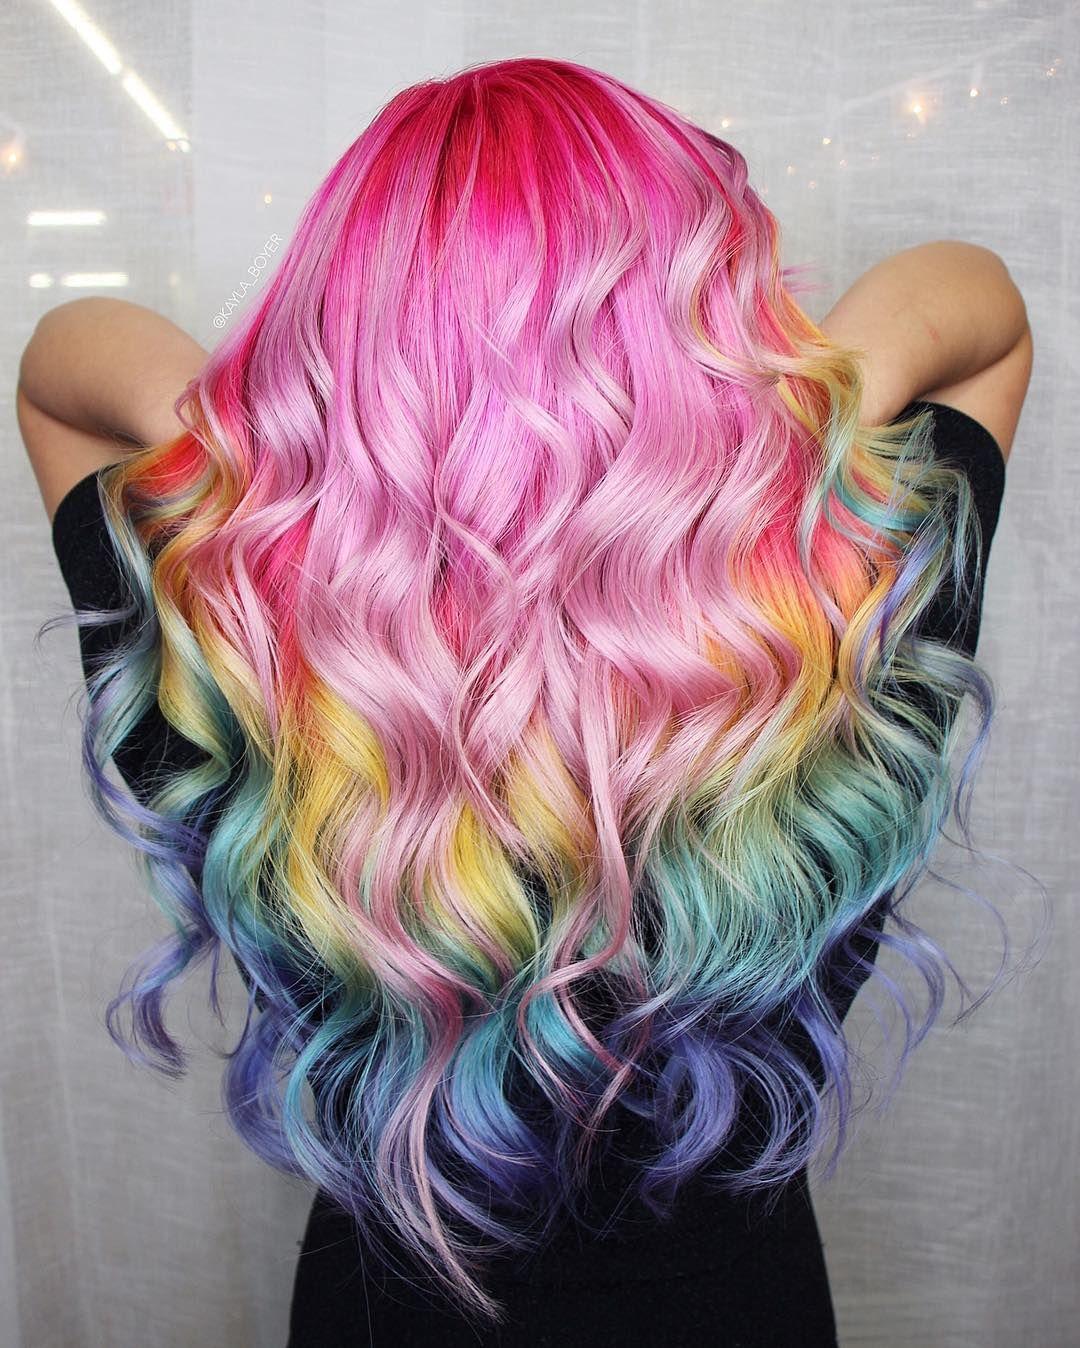 Cabelo Arco Iris Com Imagens Cabelo Lindo Cabelo Colorido